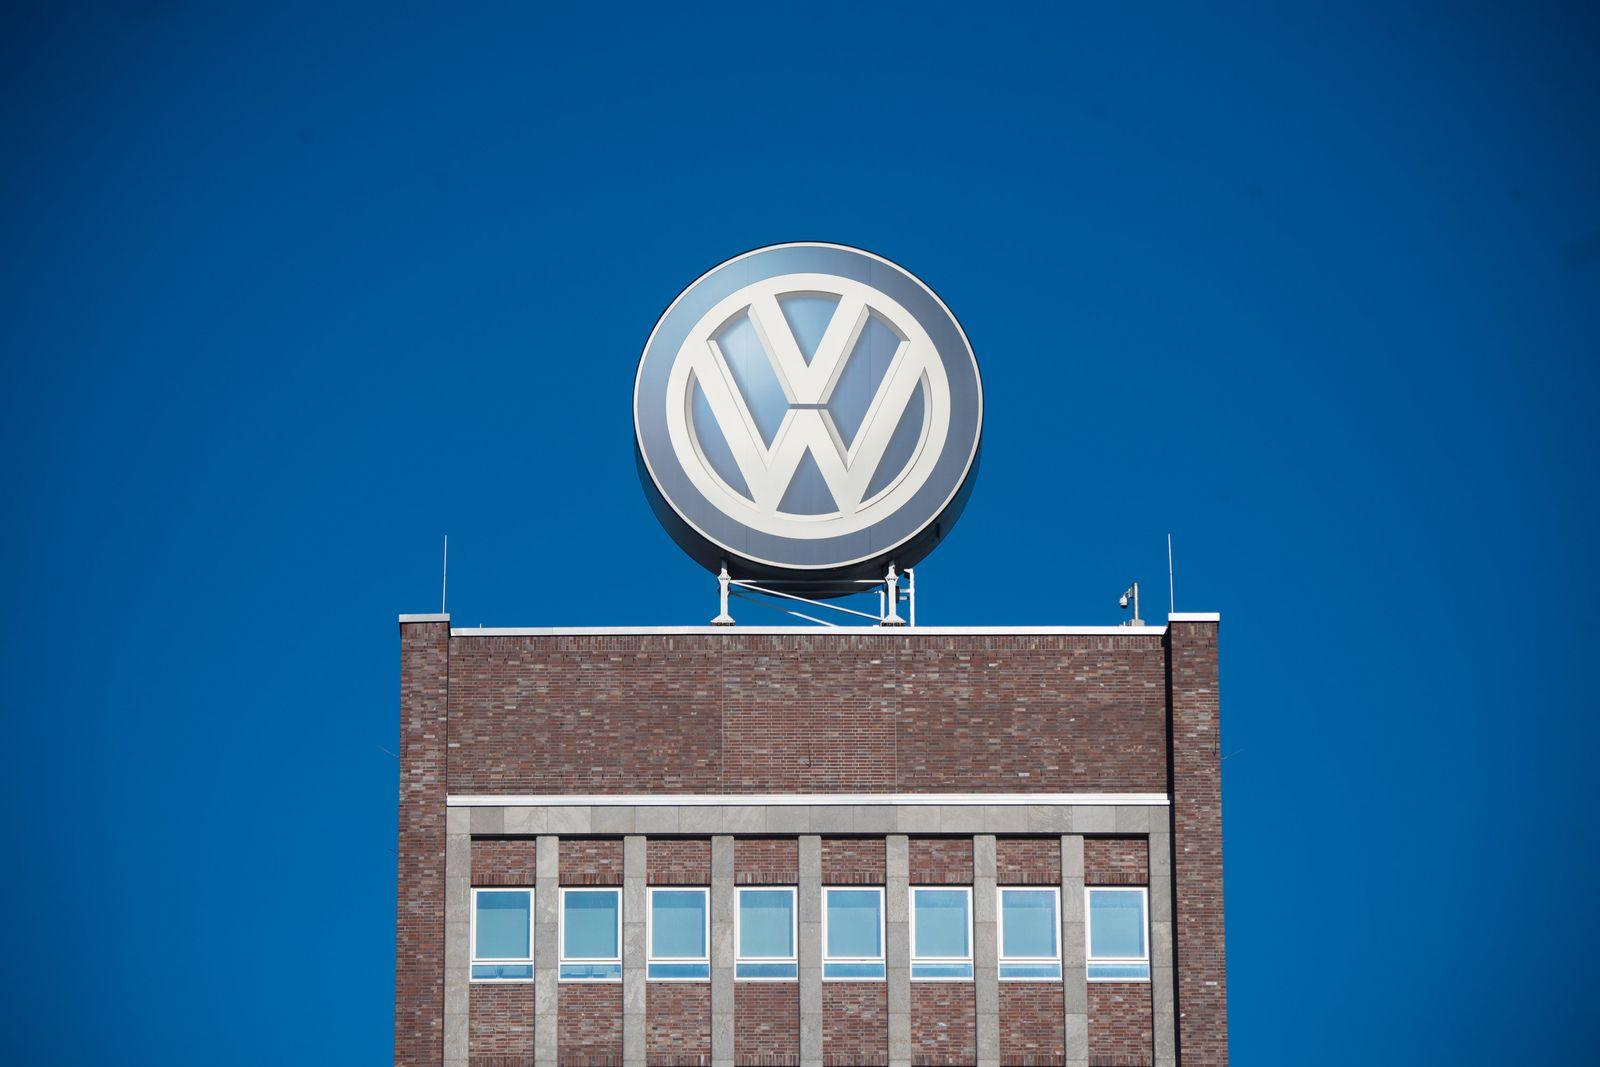 Musterverfahren zur VW-Dieselaffäre